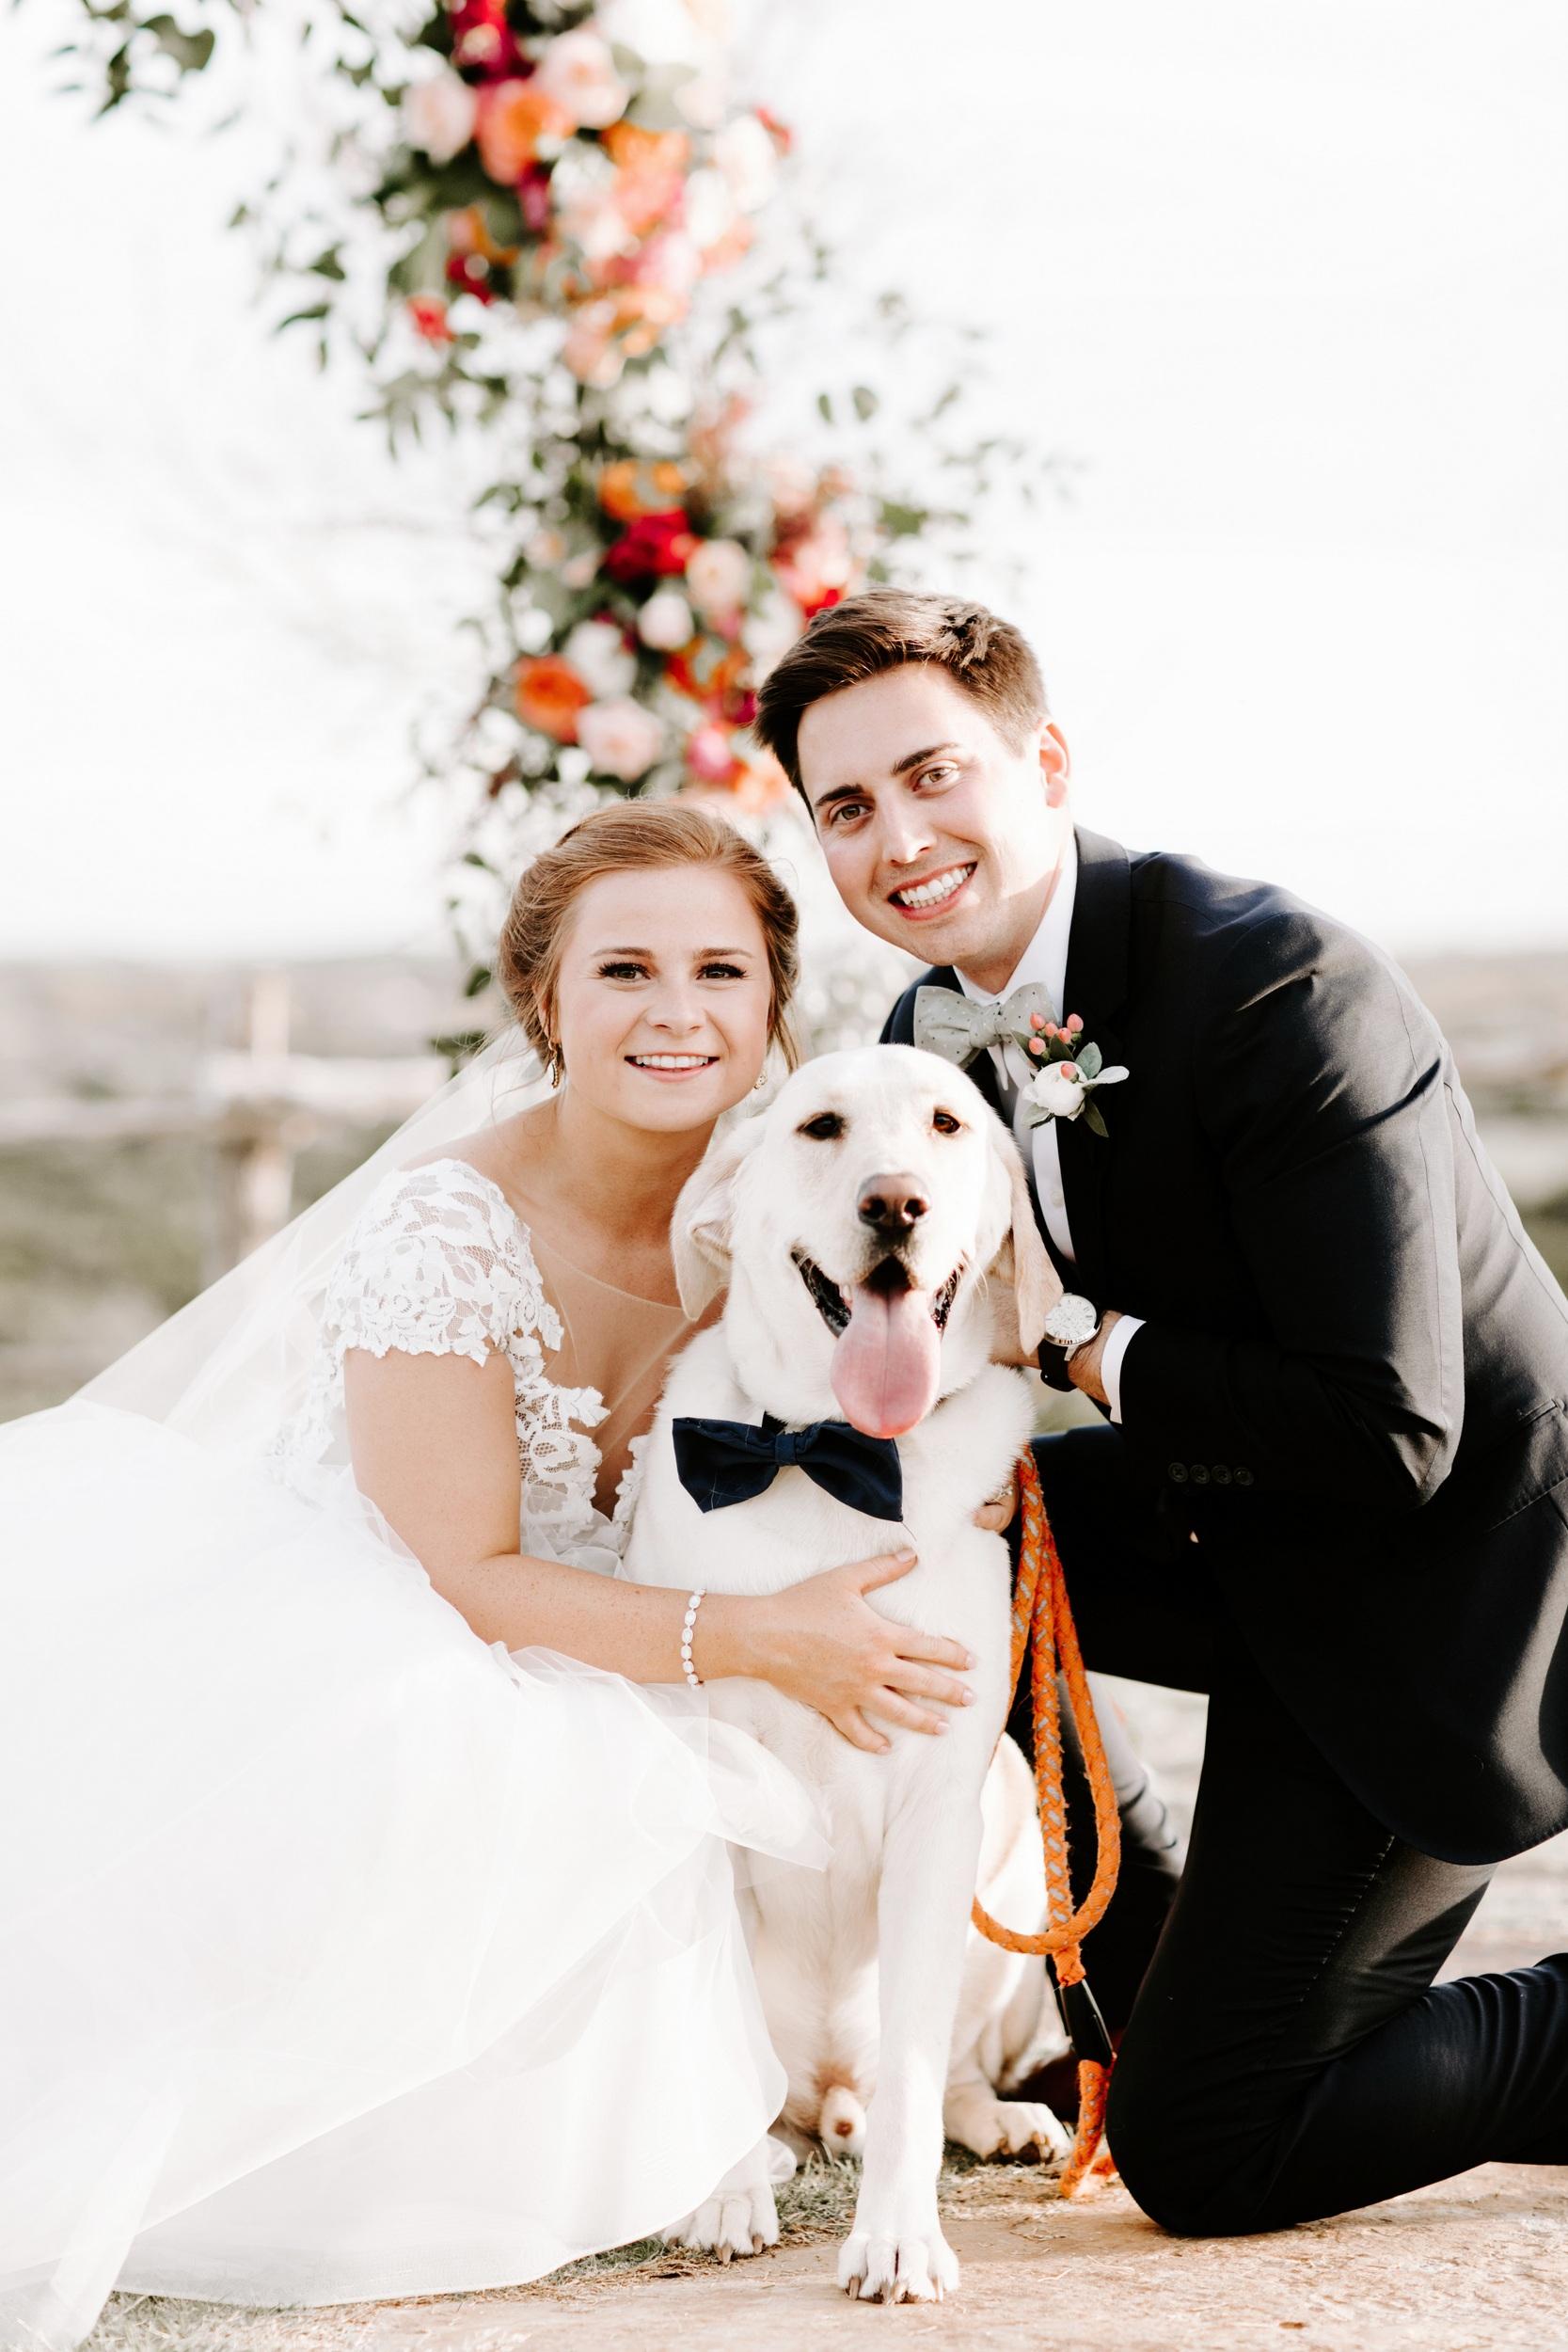 1-MADDY + PATRICK WEDDING_HALEY RYNN RINGO_rent my dust_wparty_ (73).jpg